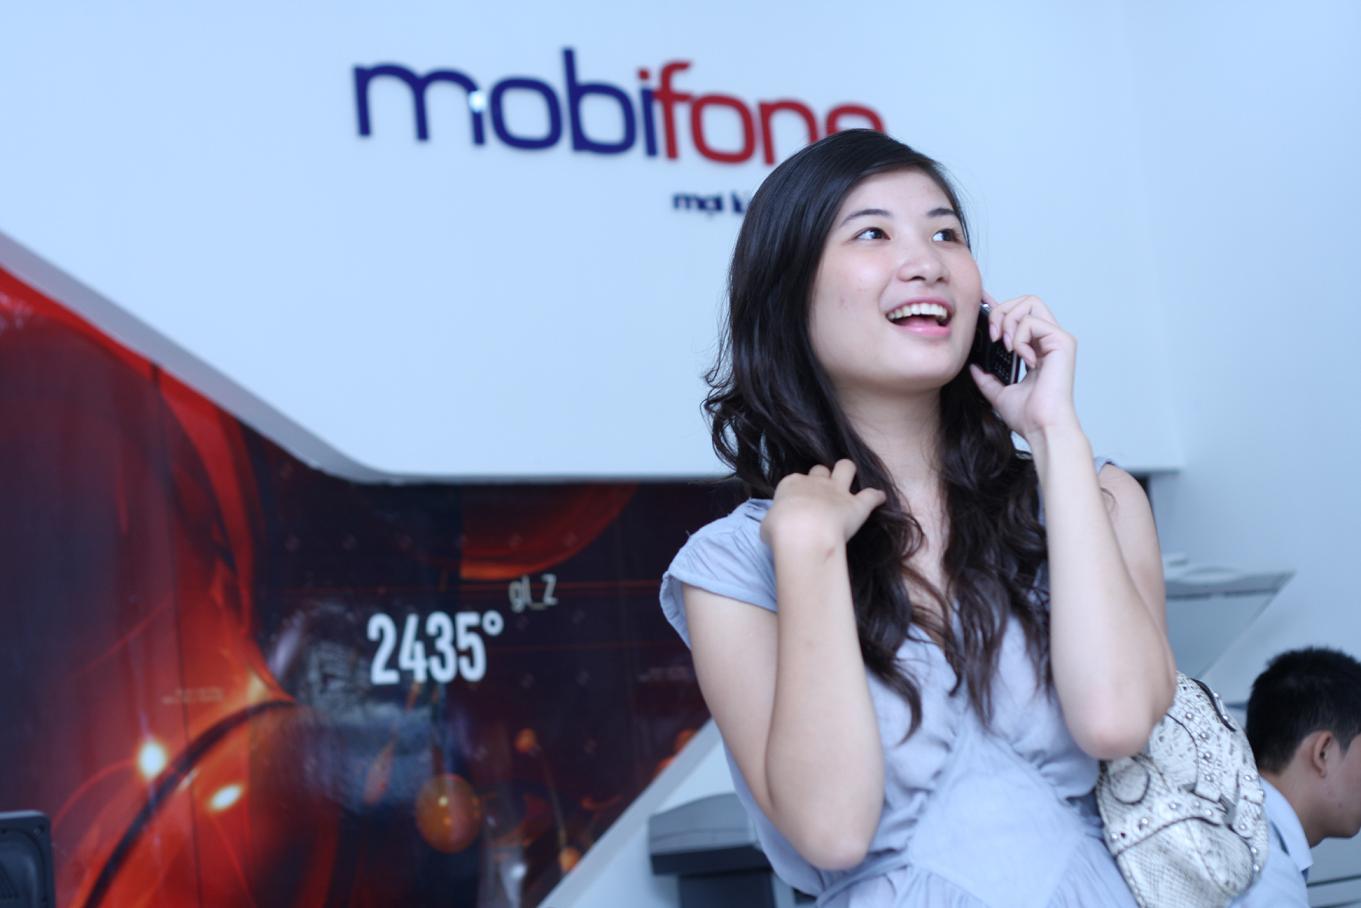 mb - MobiFone: nạp thẻ cào, trúng Samsung Galaxy Note 3